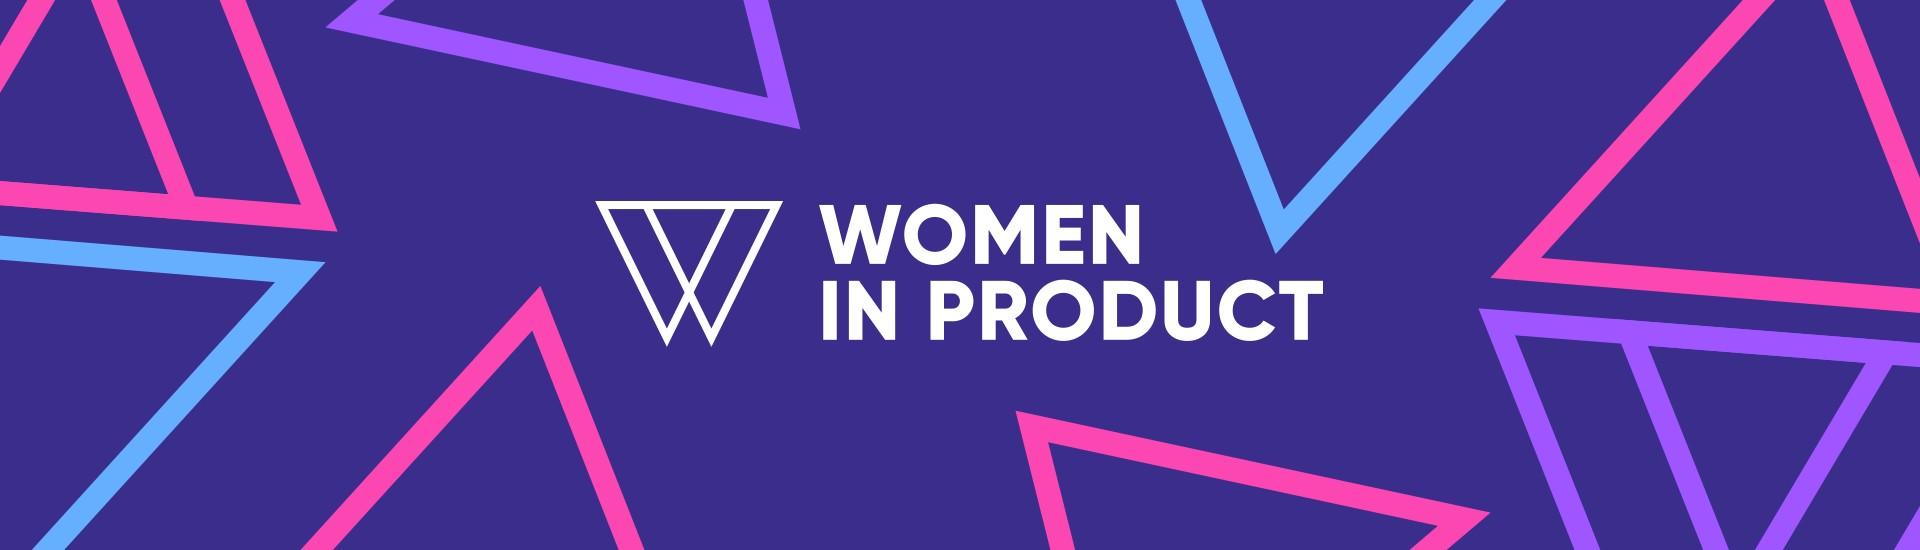 Women In Product | LinkedIn